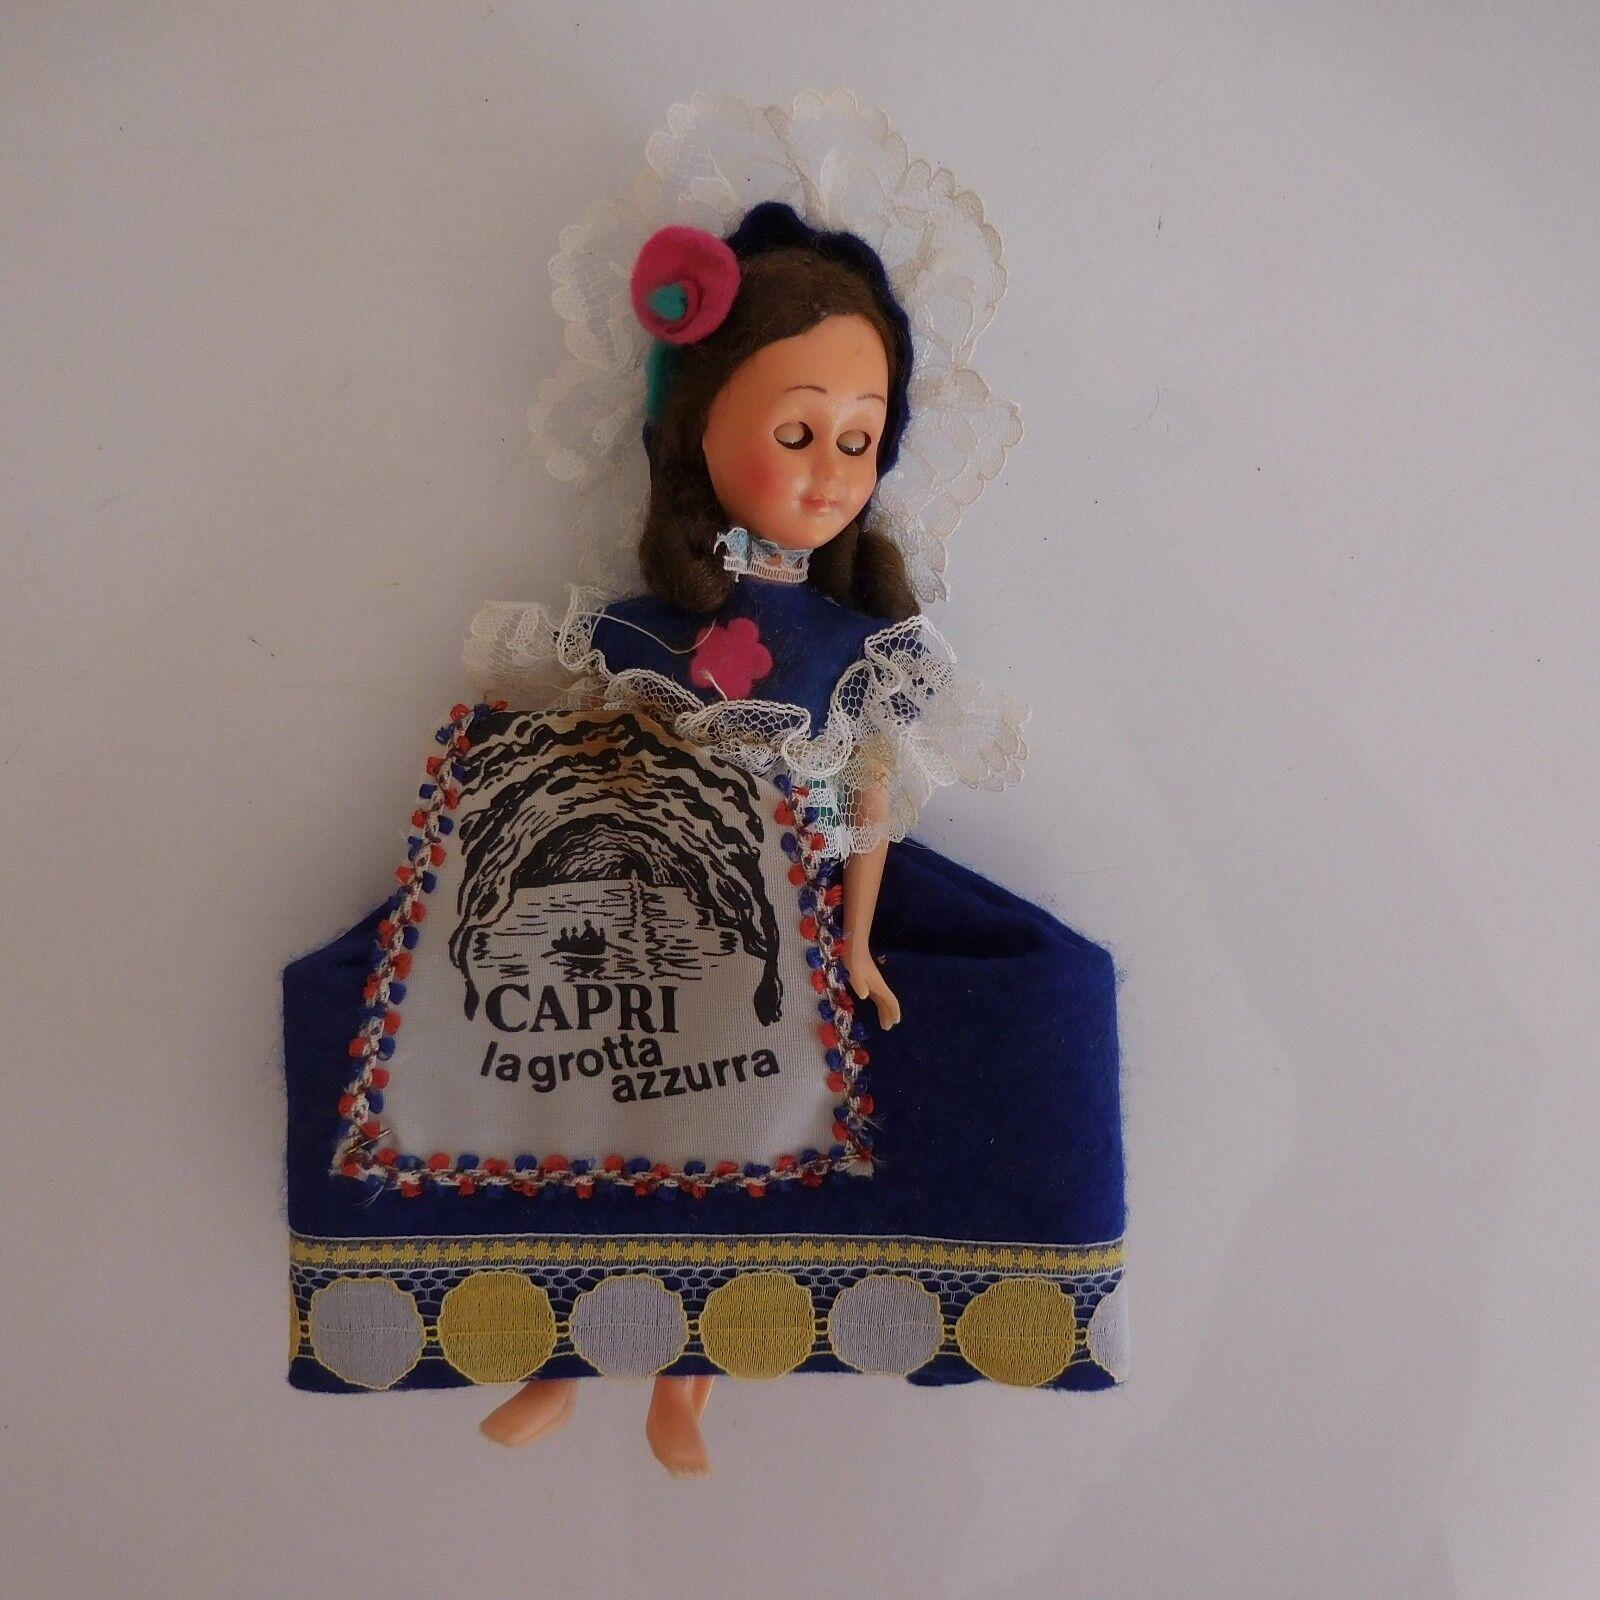 Bambola Personaggio Collezione Capri la Grossota Azzurro Tradition Gauss Xxe Pn